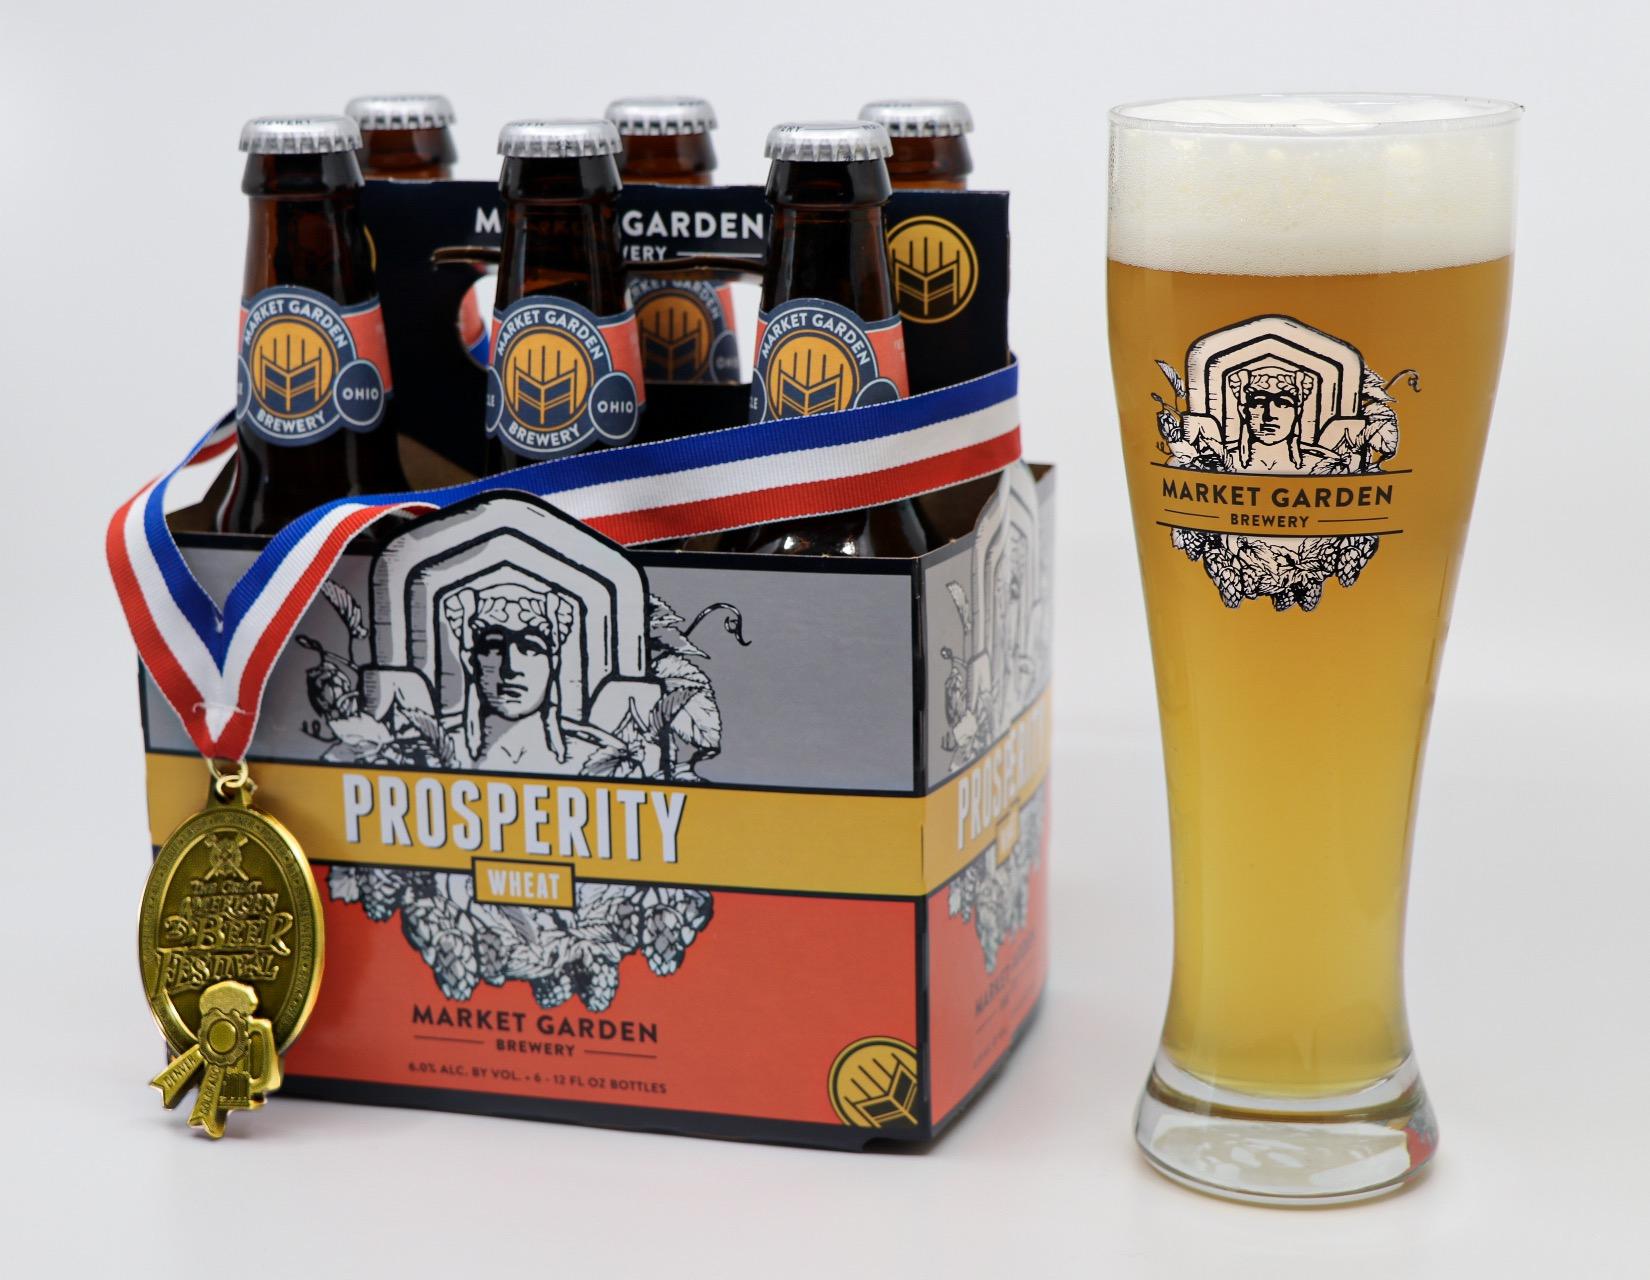 Market Garden Brewery Prosperity Wheat